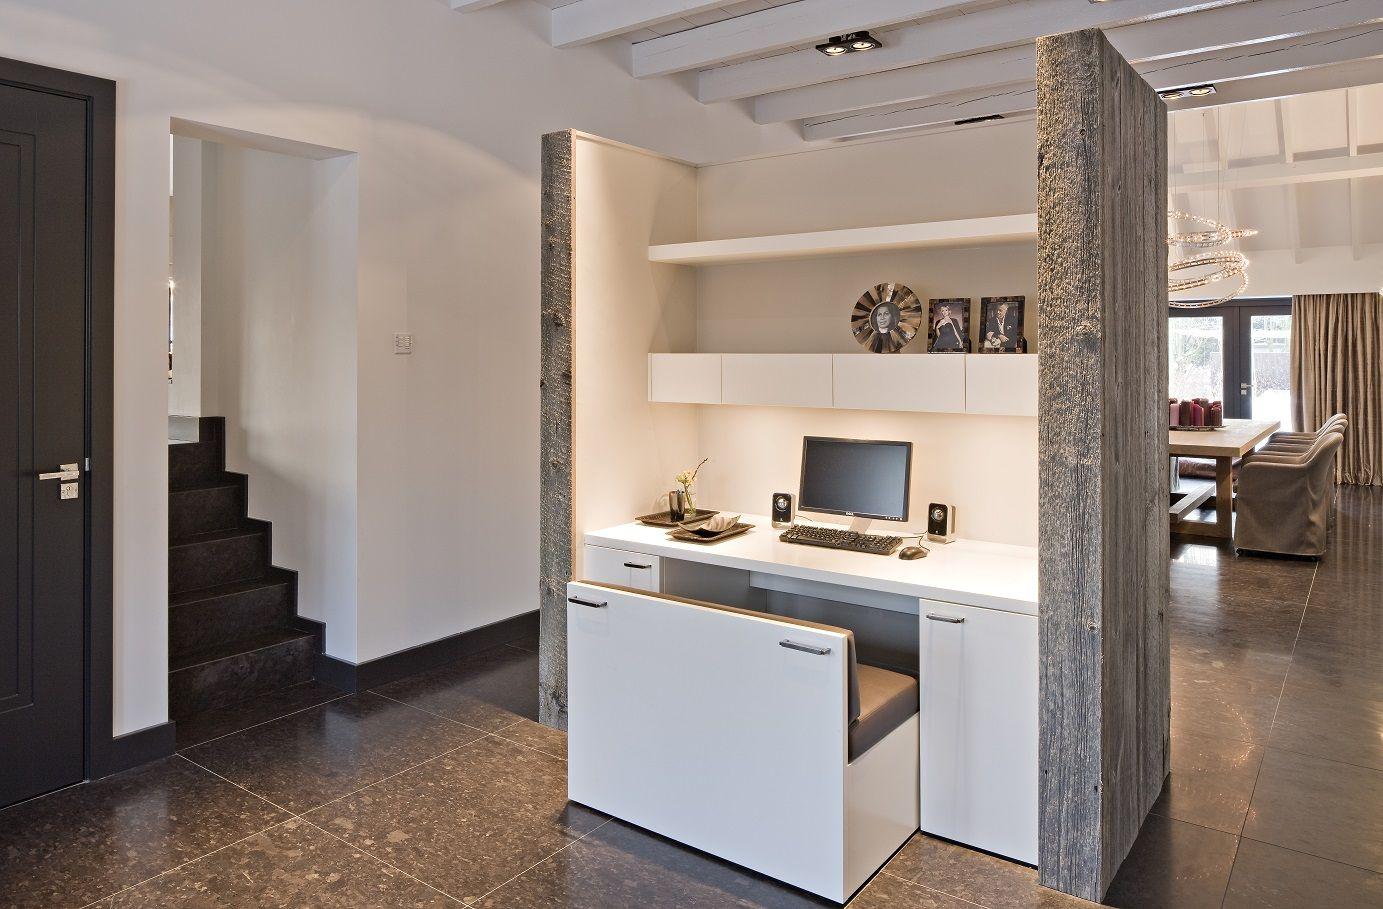 strak interieur met modern deurbeslag en meubelbeslag - work space ...